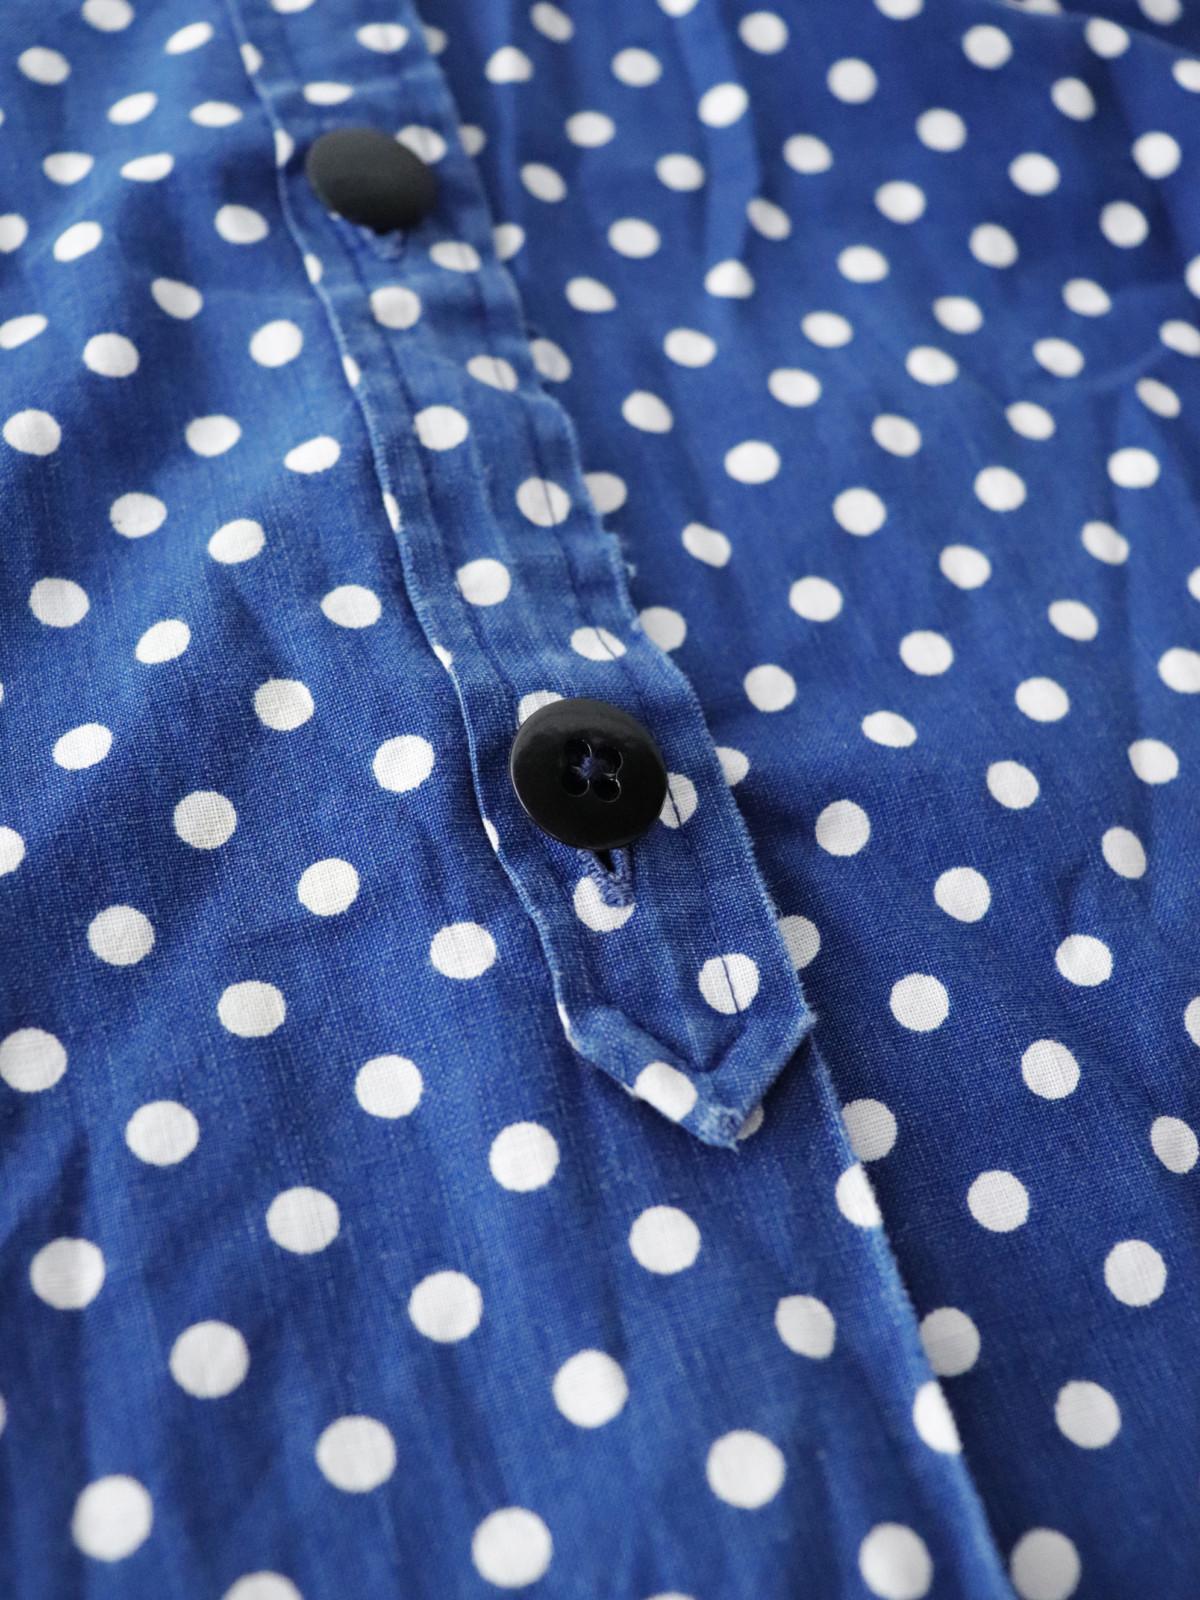 indigo cotton, France, dot